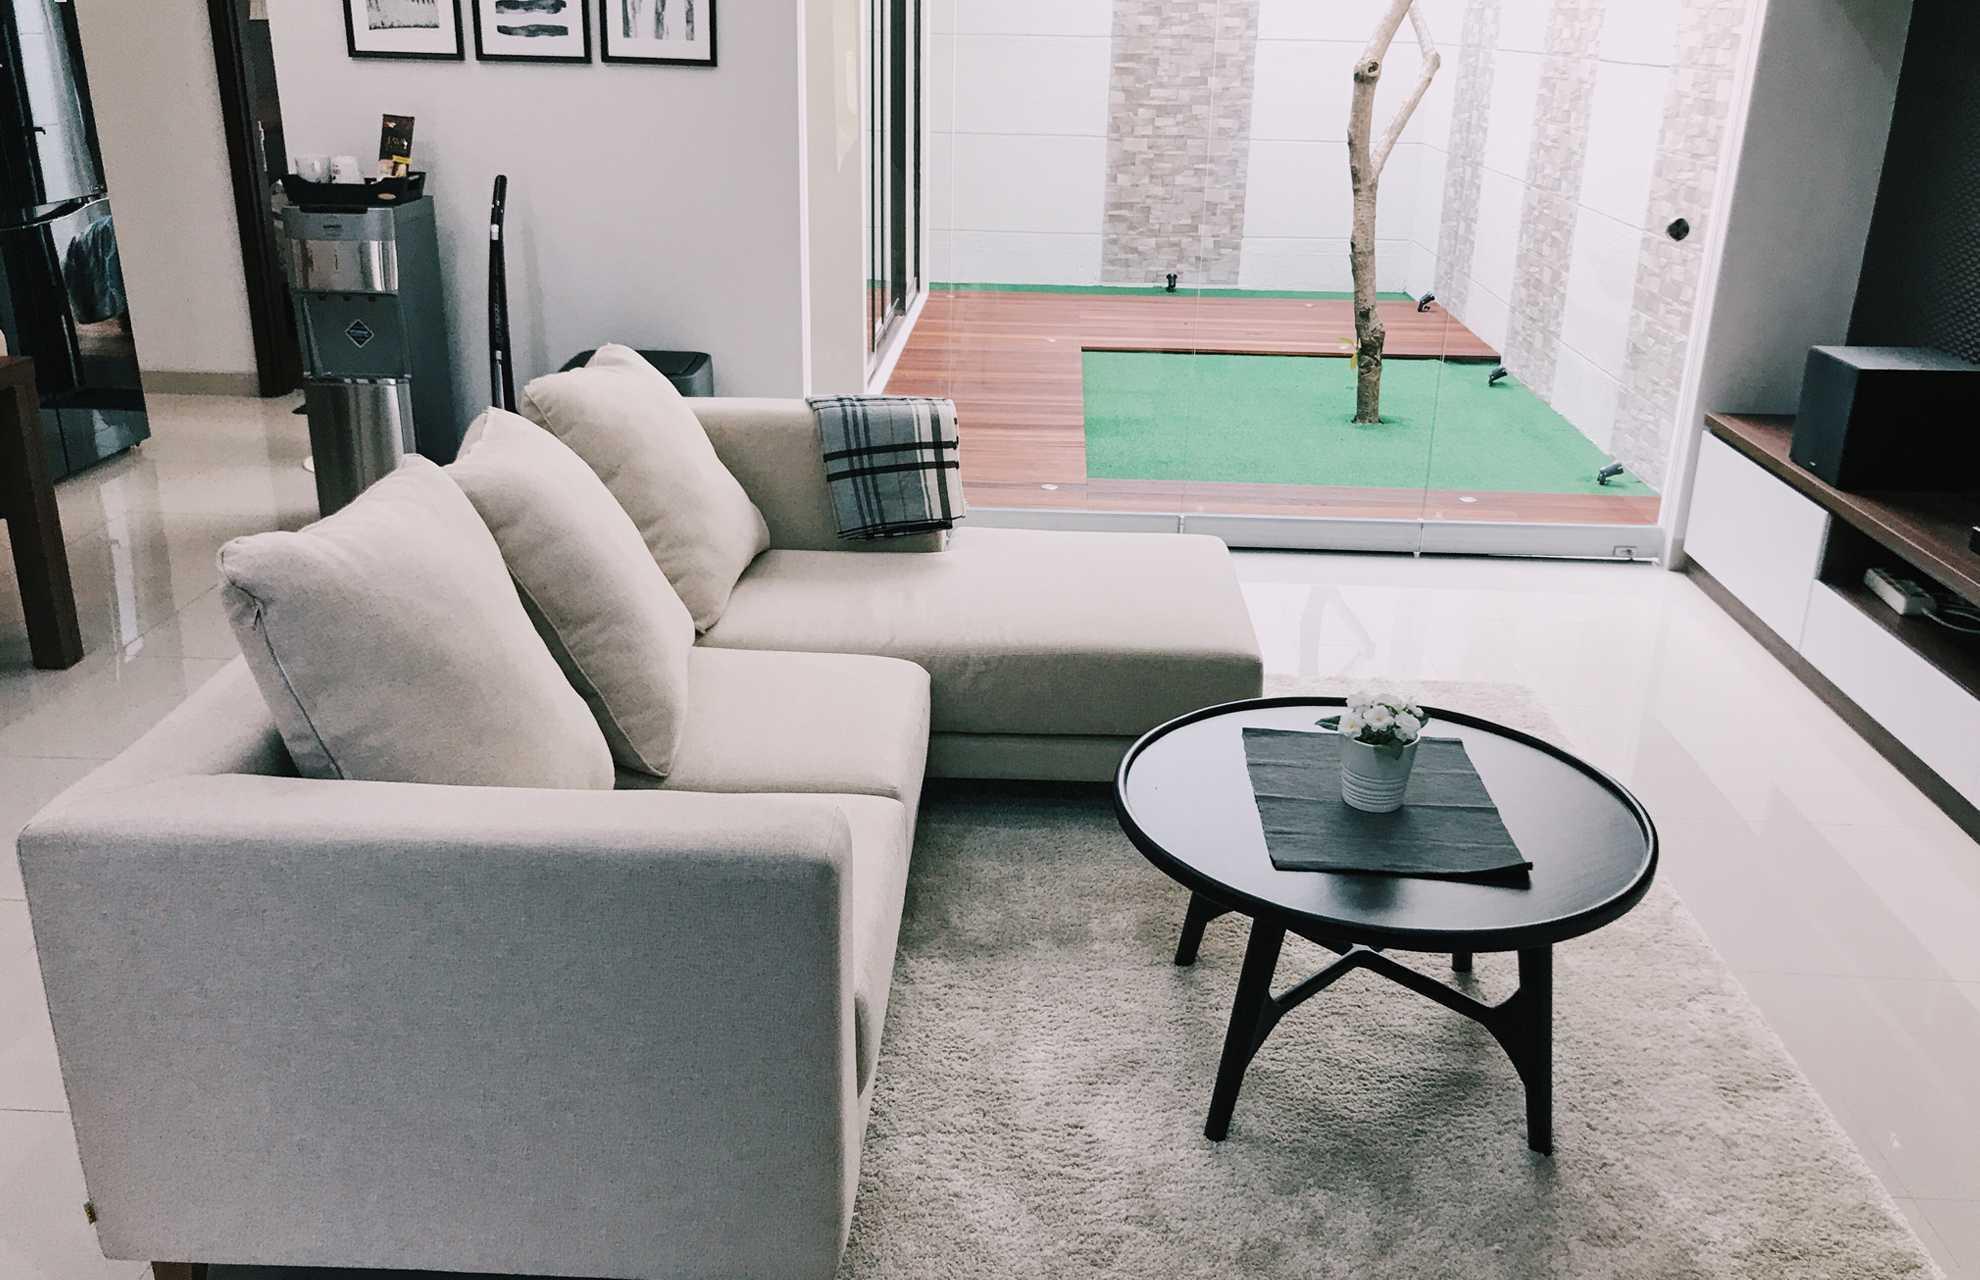 Jasa Interior Desainer Home by Fabelio.com di Tangerang Selatan